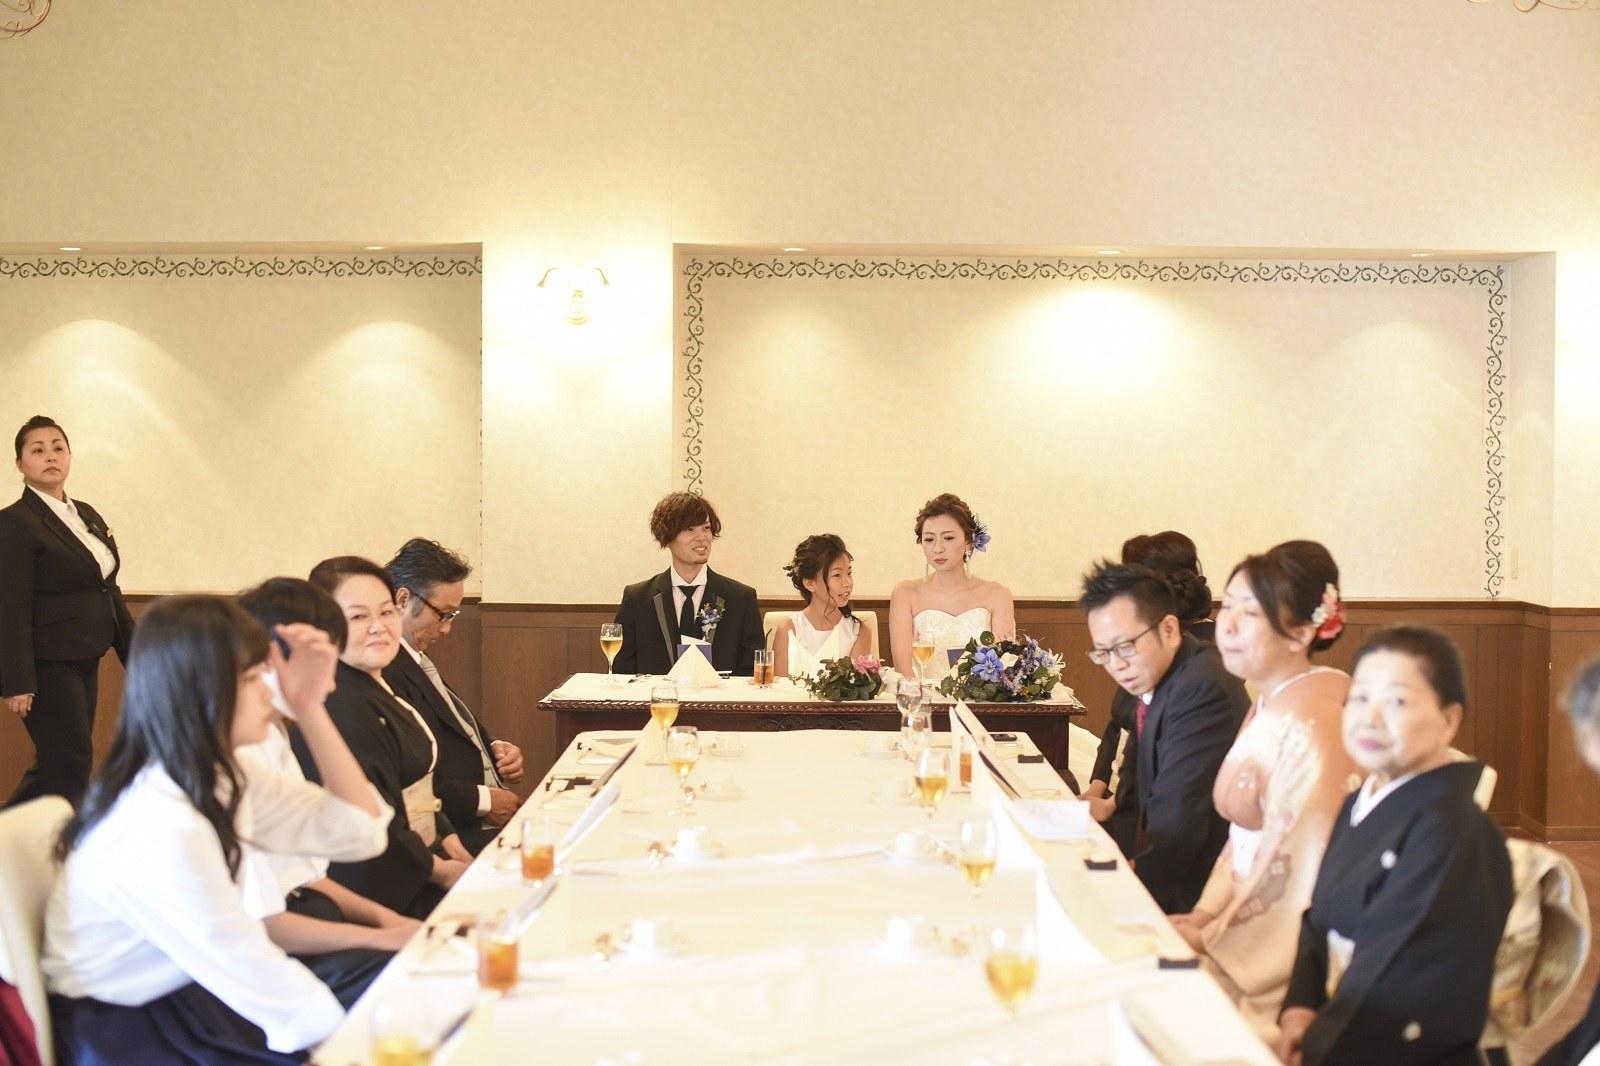 香川県の結婚式場シェルエメールの新郎新婦とゲスト